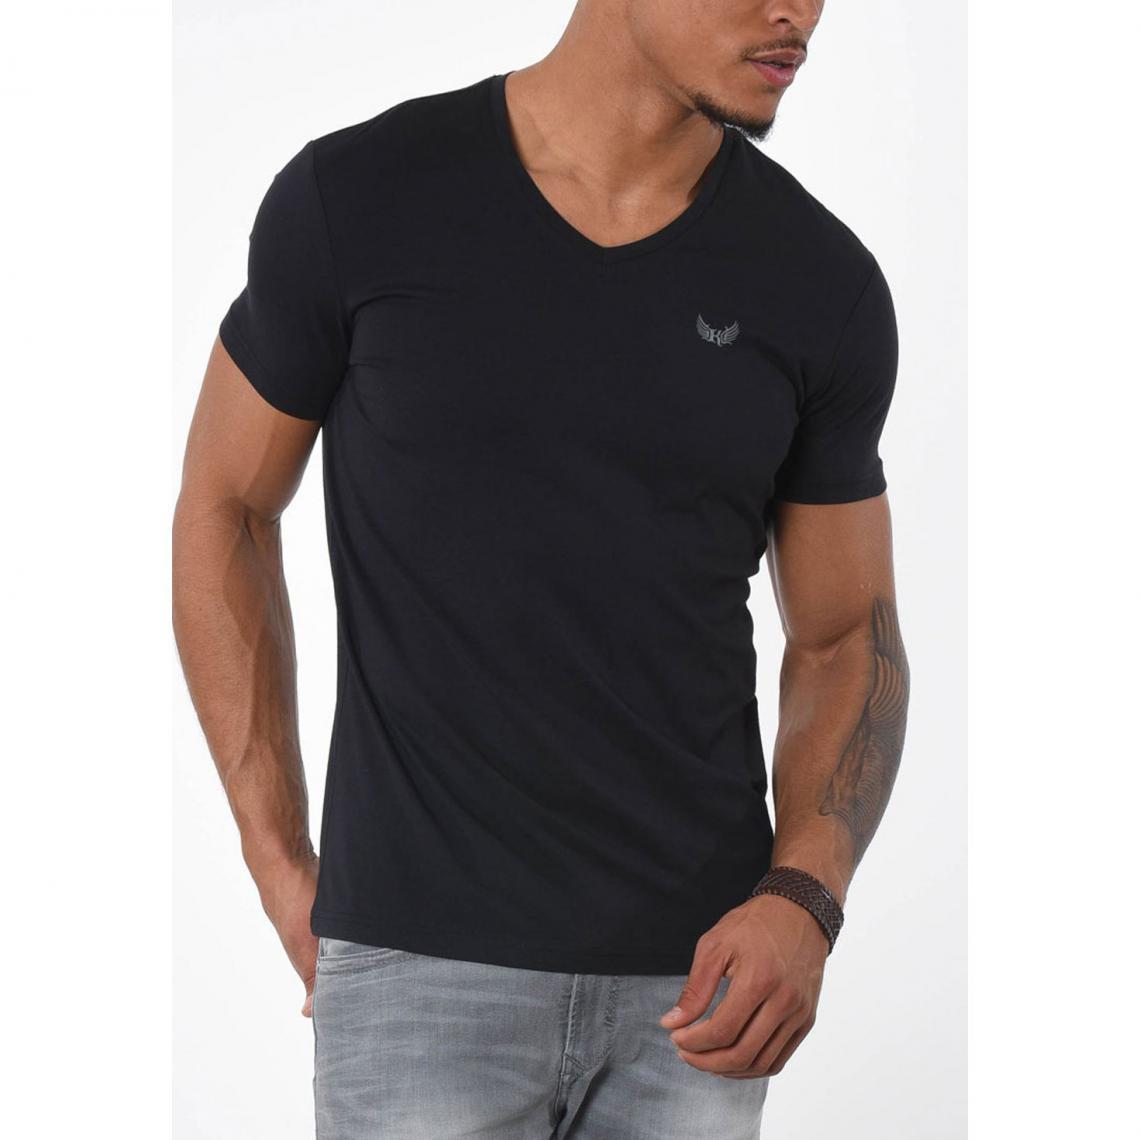 04394934b23ca T-shirt manches courtes Gift homme Kaporal - Blanc - Noir   3Suisses